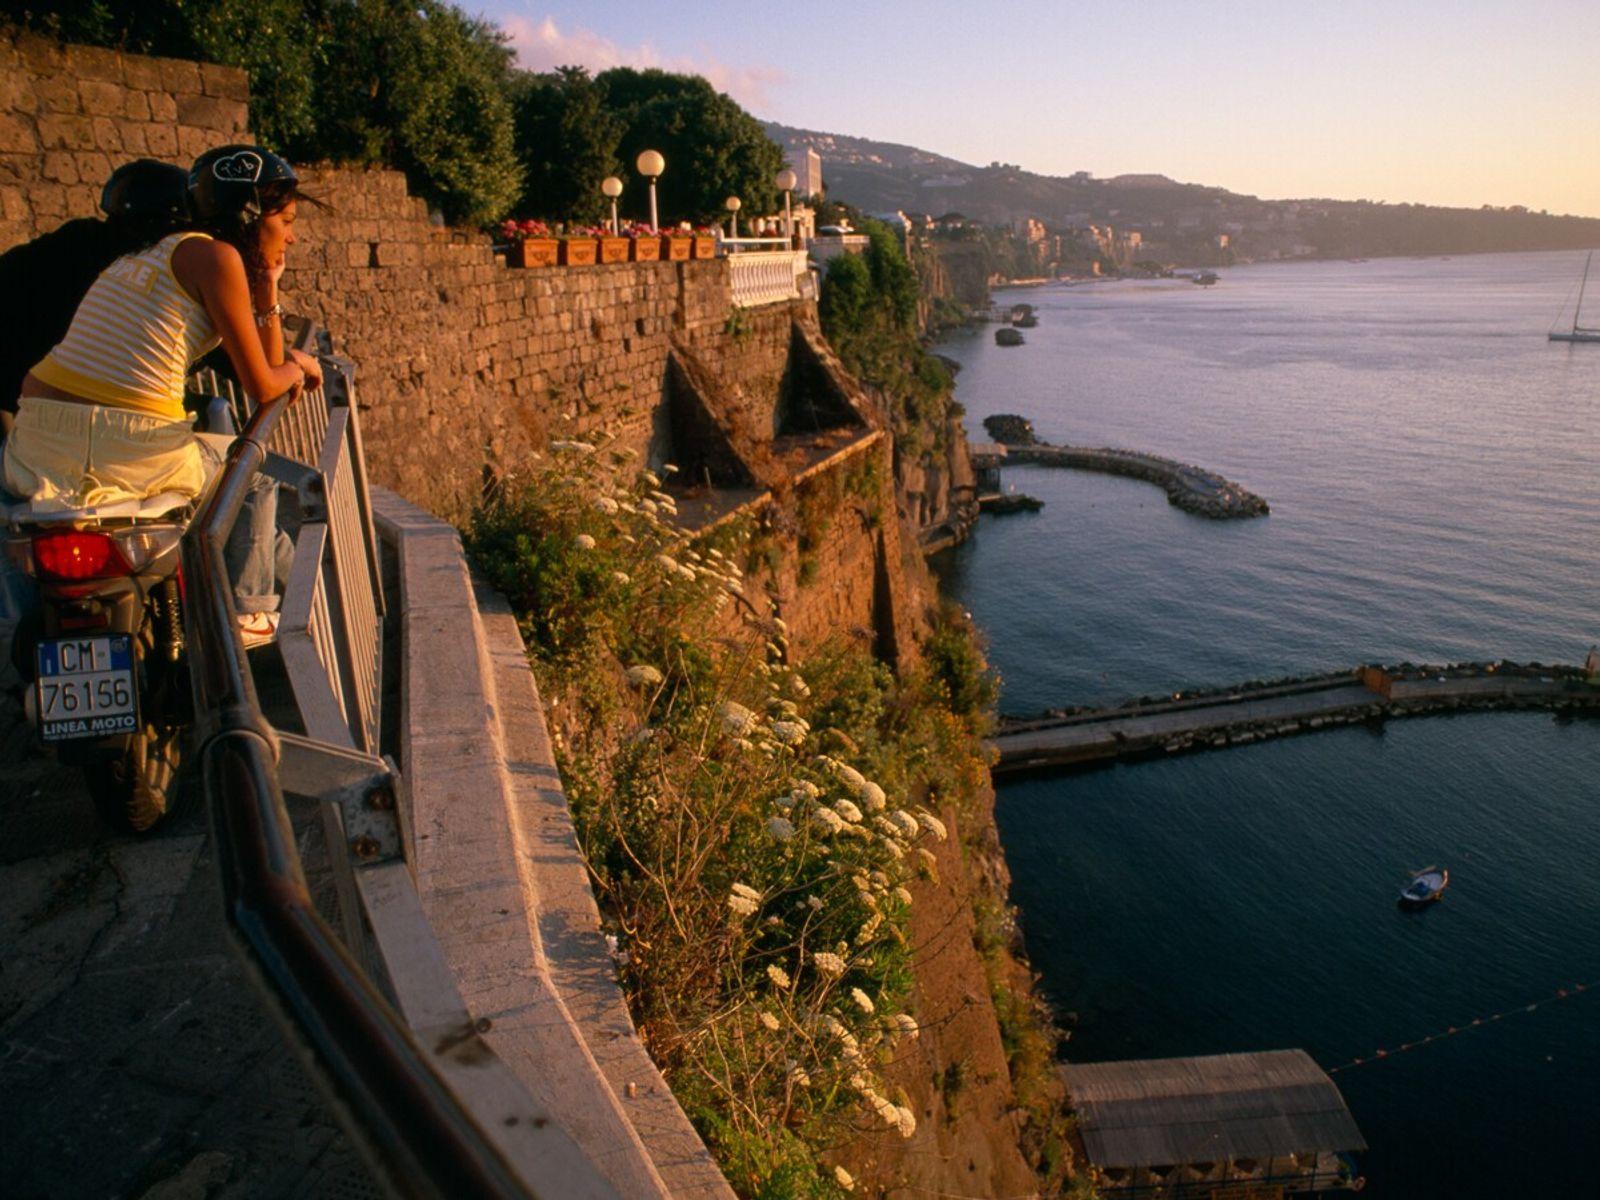 Atardecer en la bahía de Nápoles